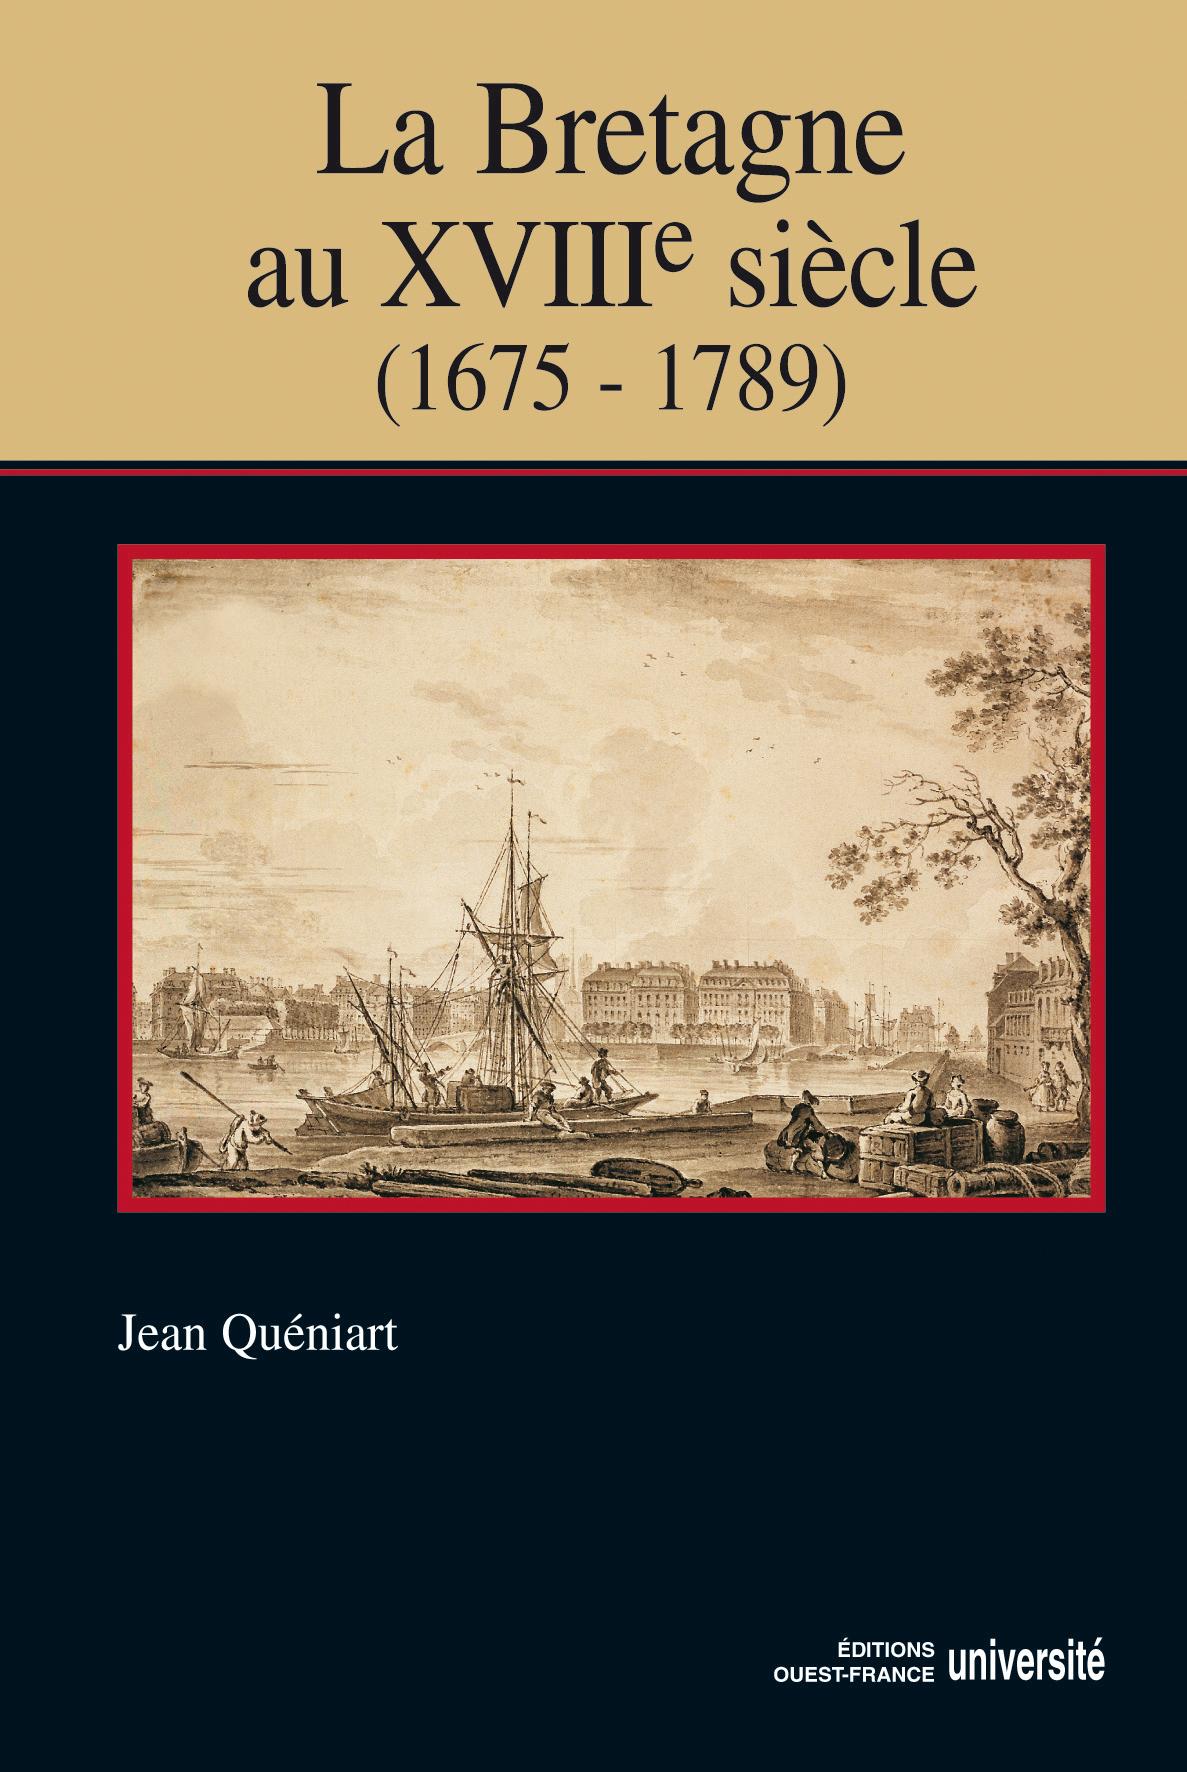 https://assets.edenlivres.fr/assets/publications/7737/medias/la-bretagne-au-xviiie-siecle-1675-1789.jpg?nocache=110715221618